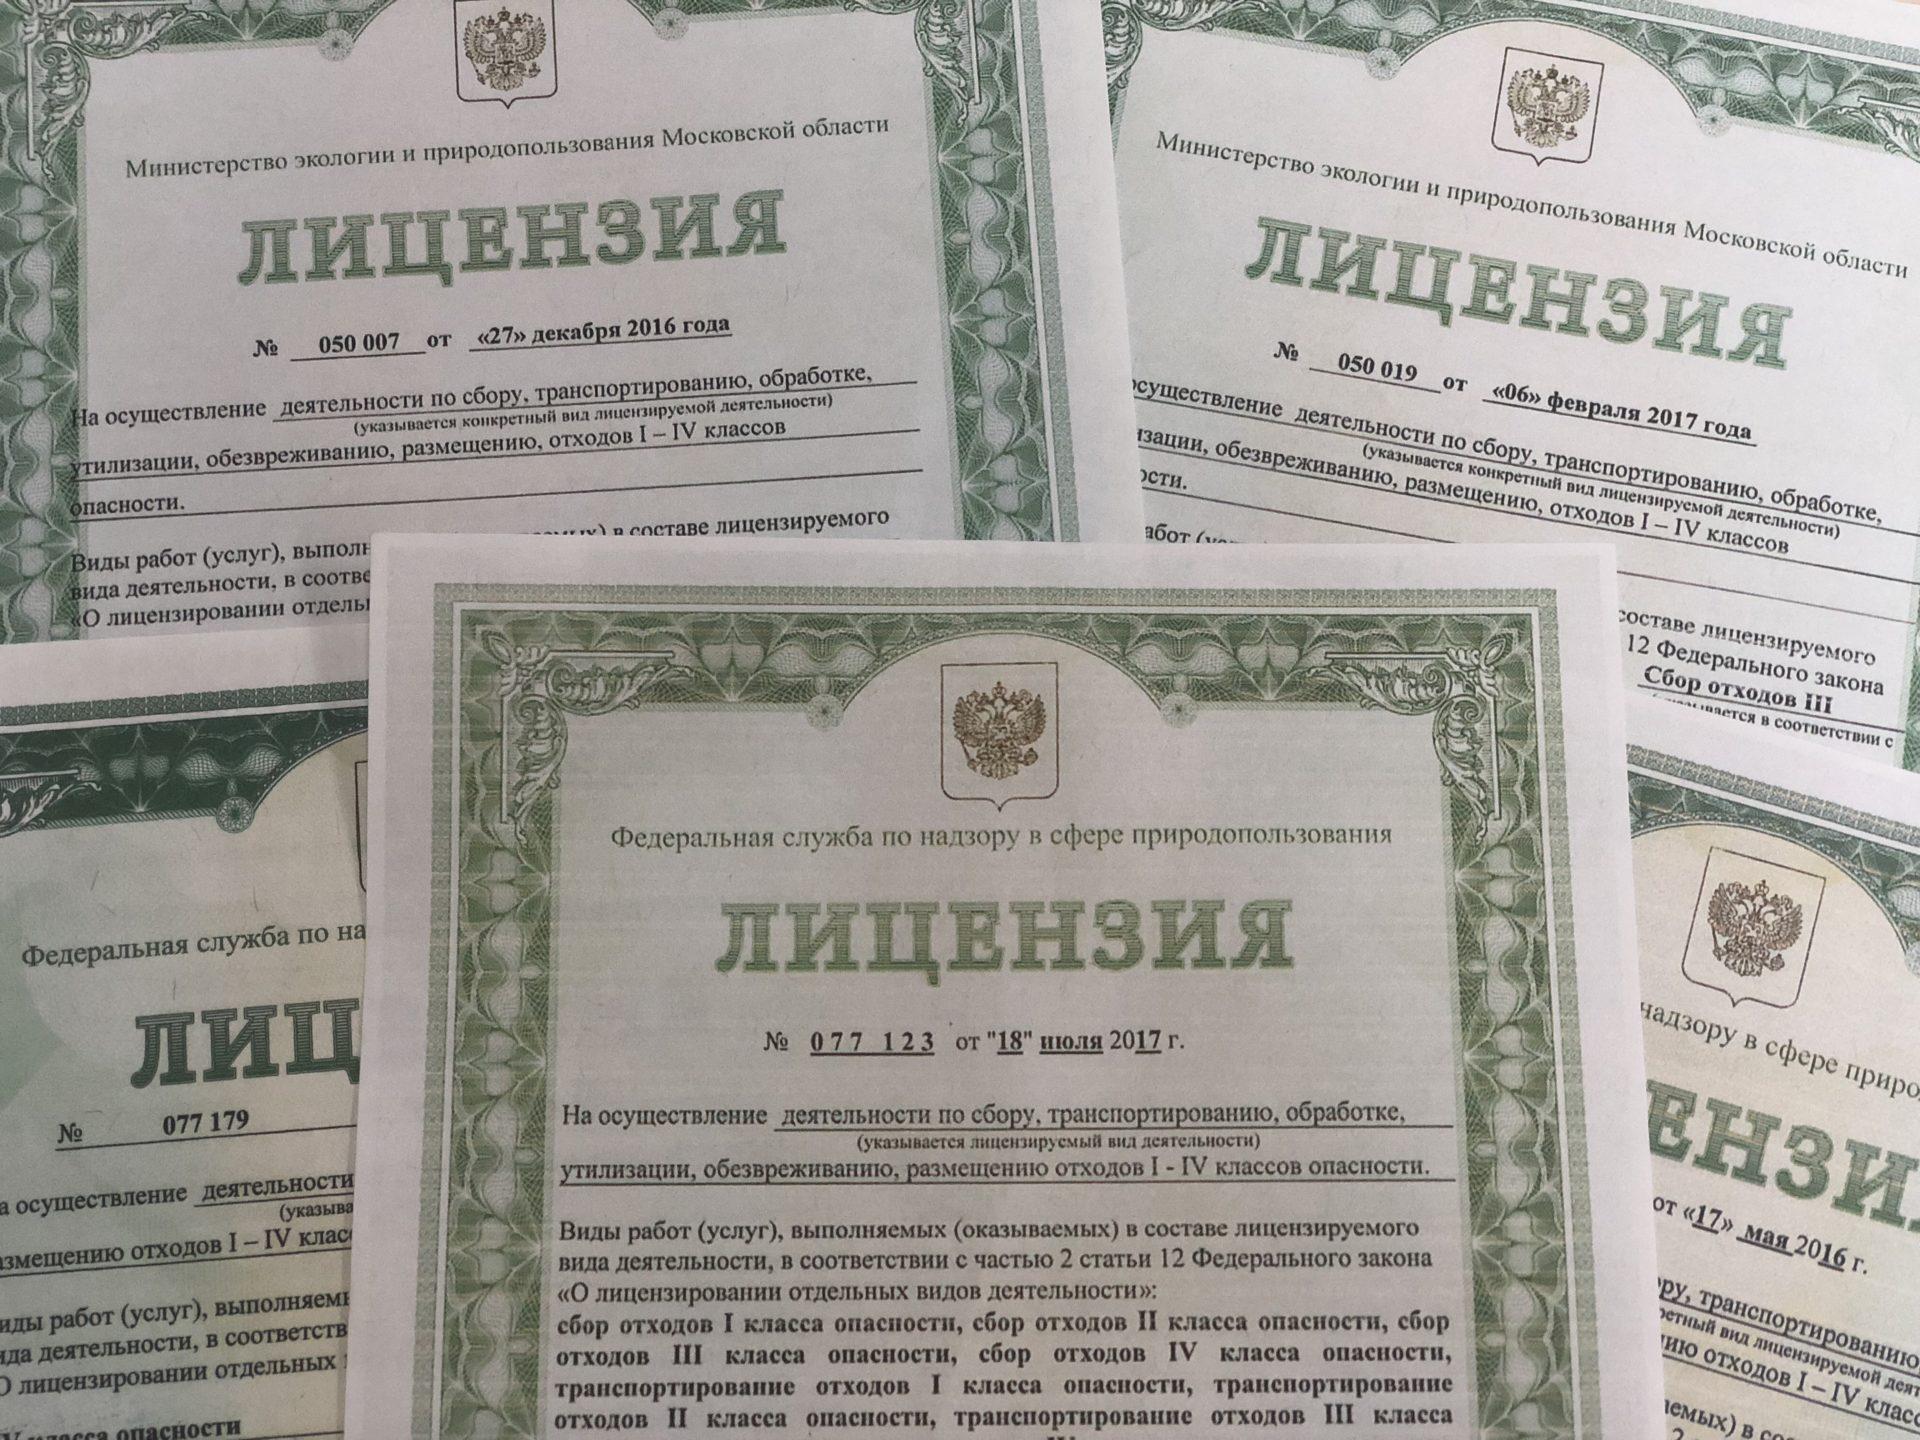 лицензирование деятельности картинки восточных